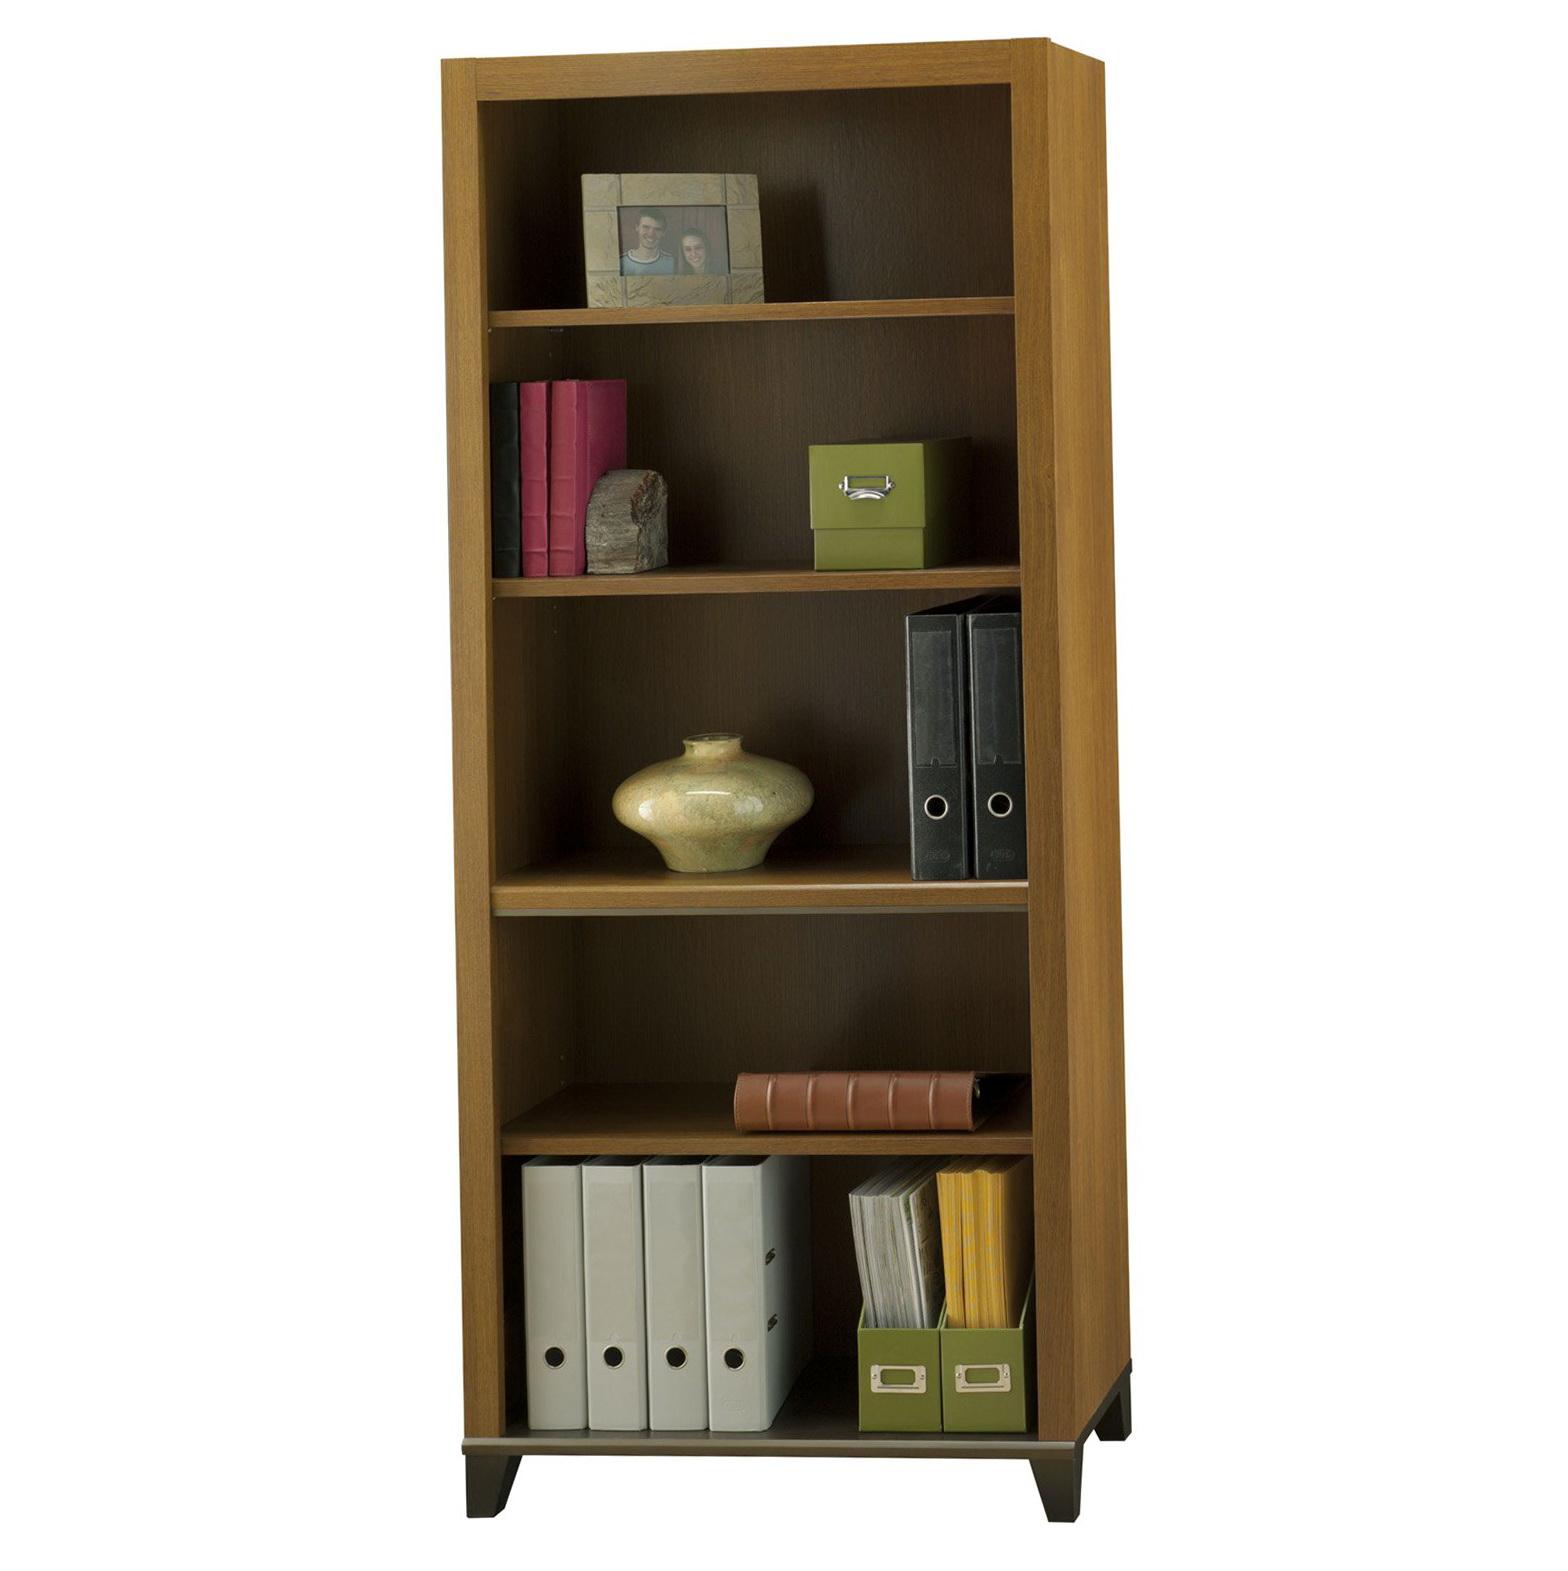 Mainstays 5 Shelf Bookcase Instructions